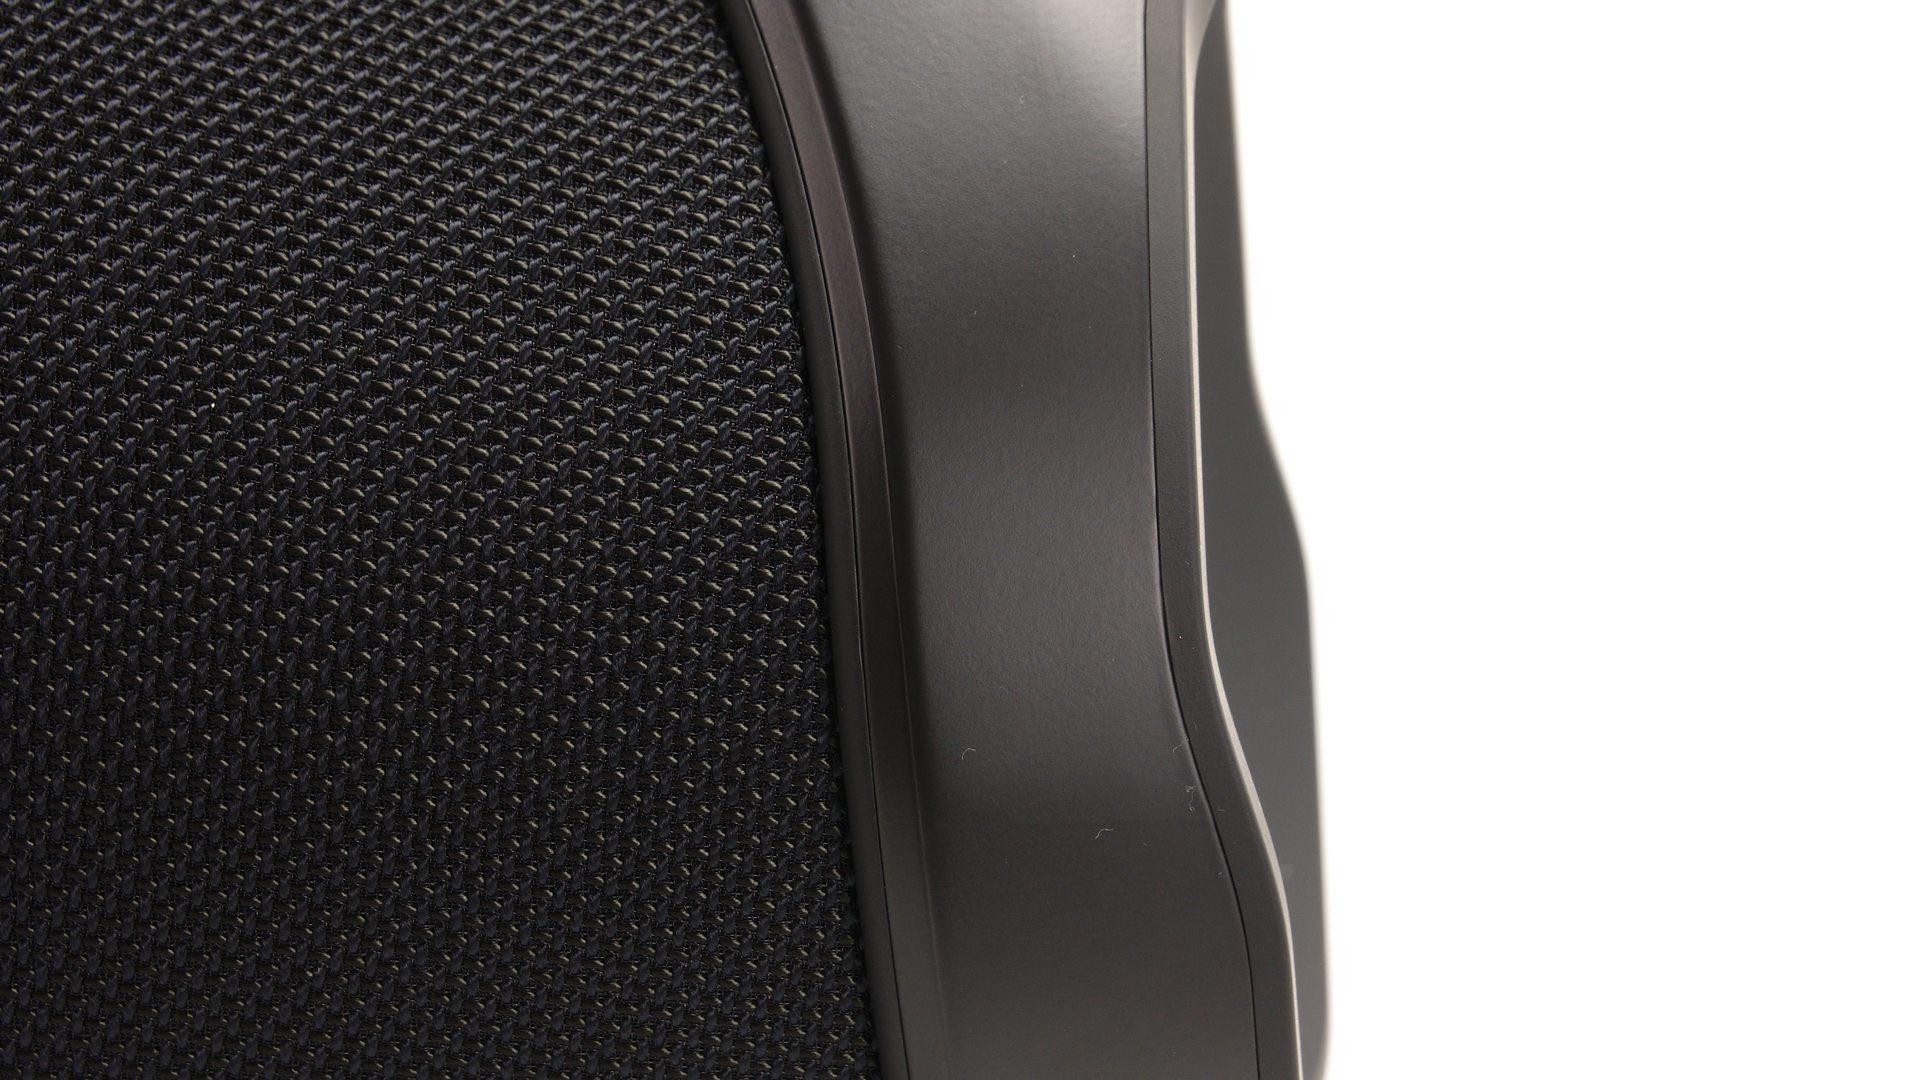 JBL BOOMBOX im Test - Sehr großer Bluetooth-Lautsprecher mit MEGA